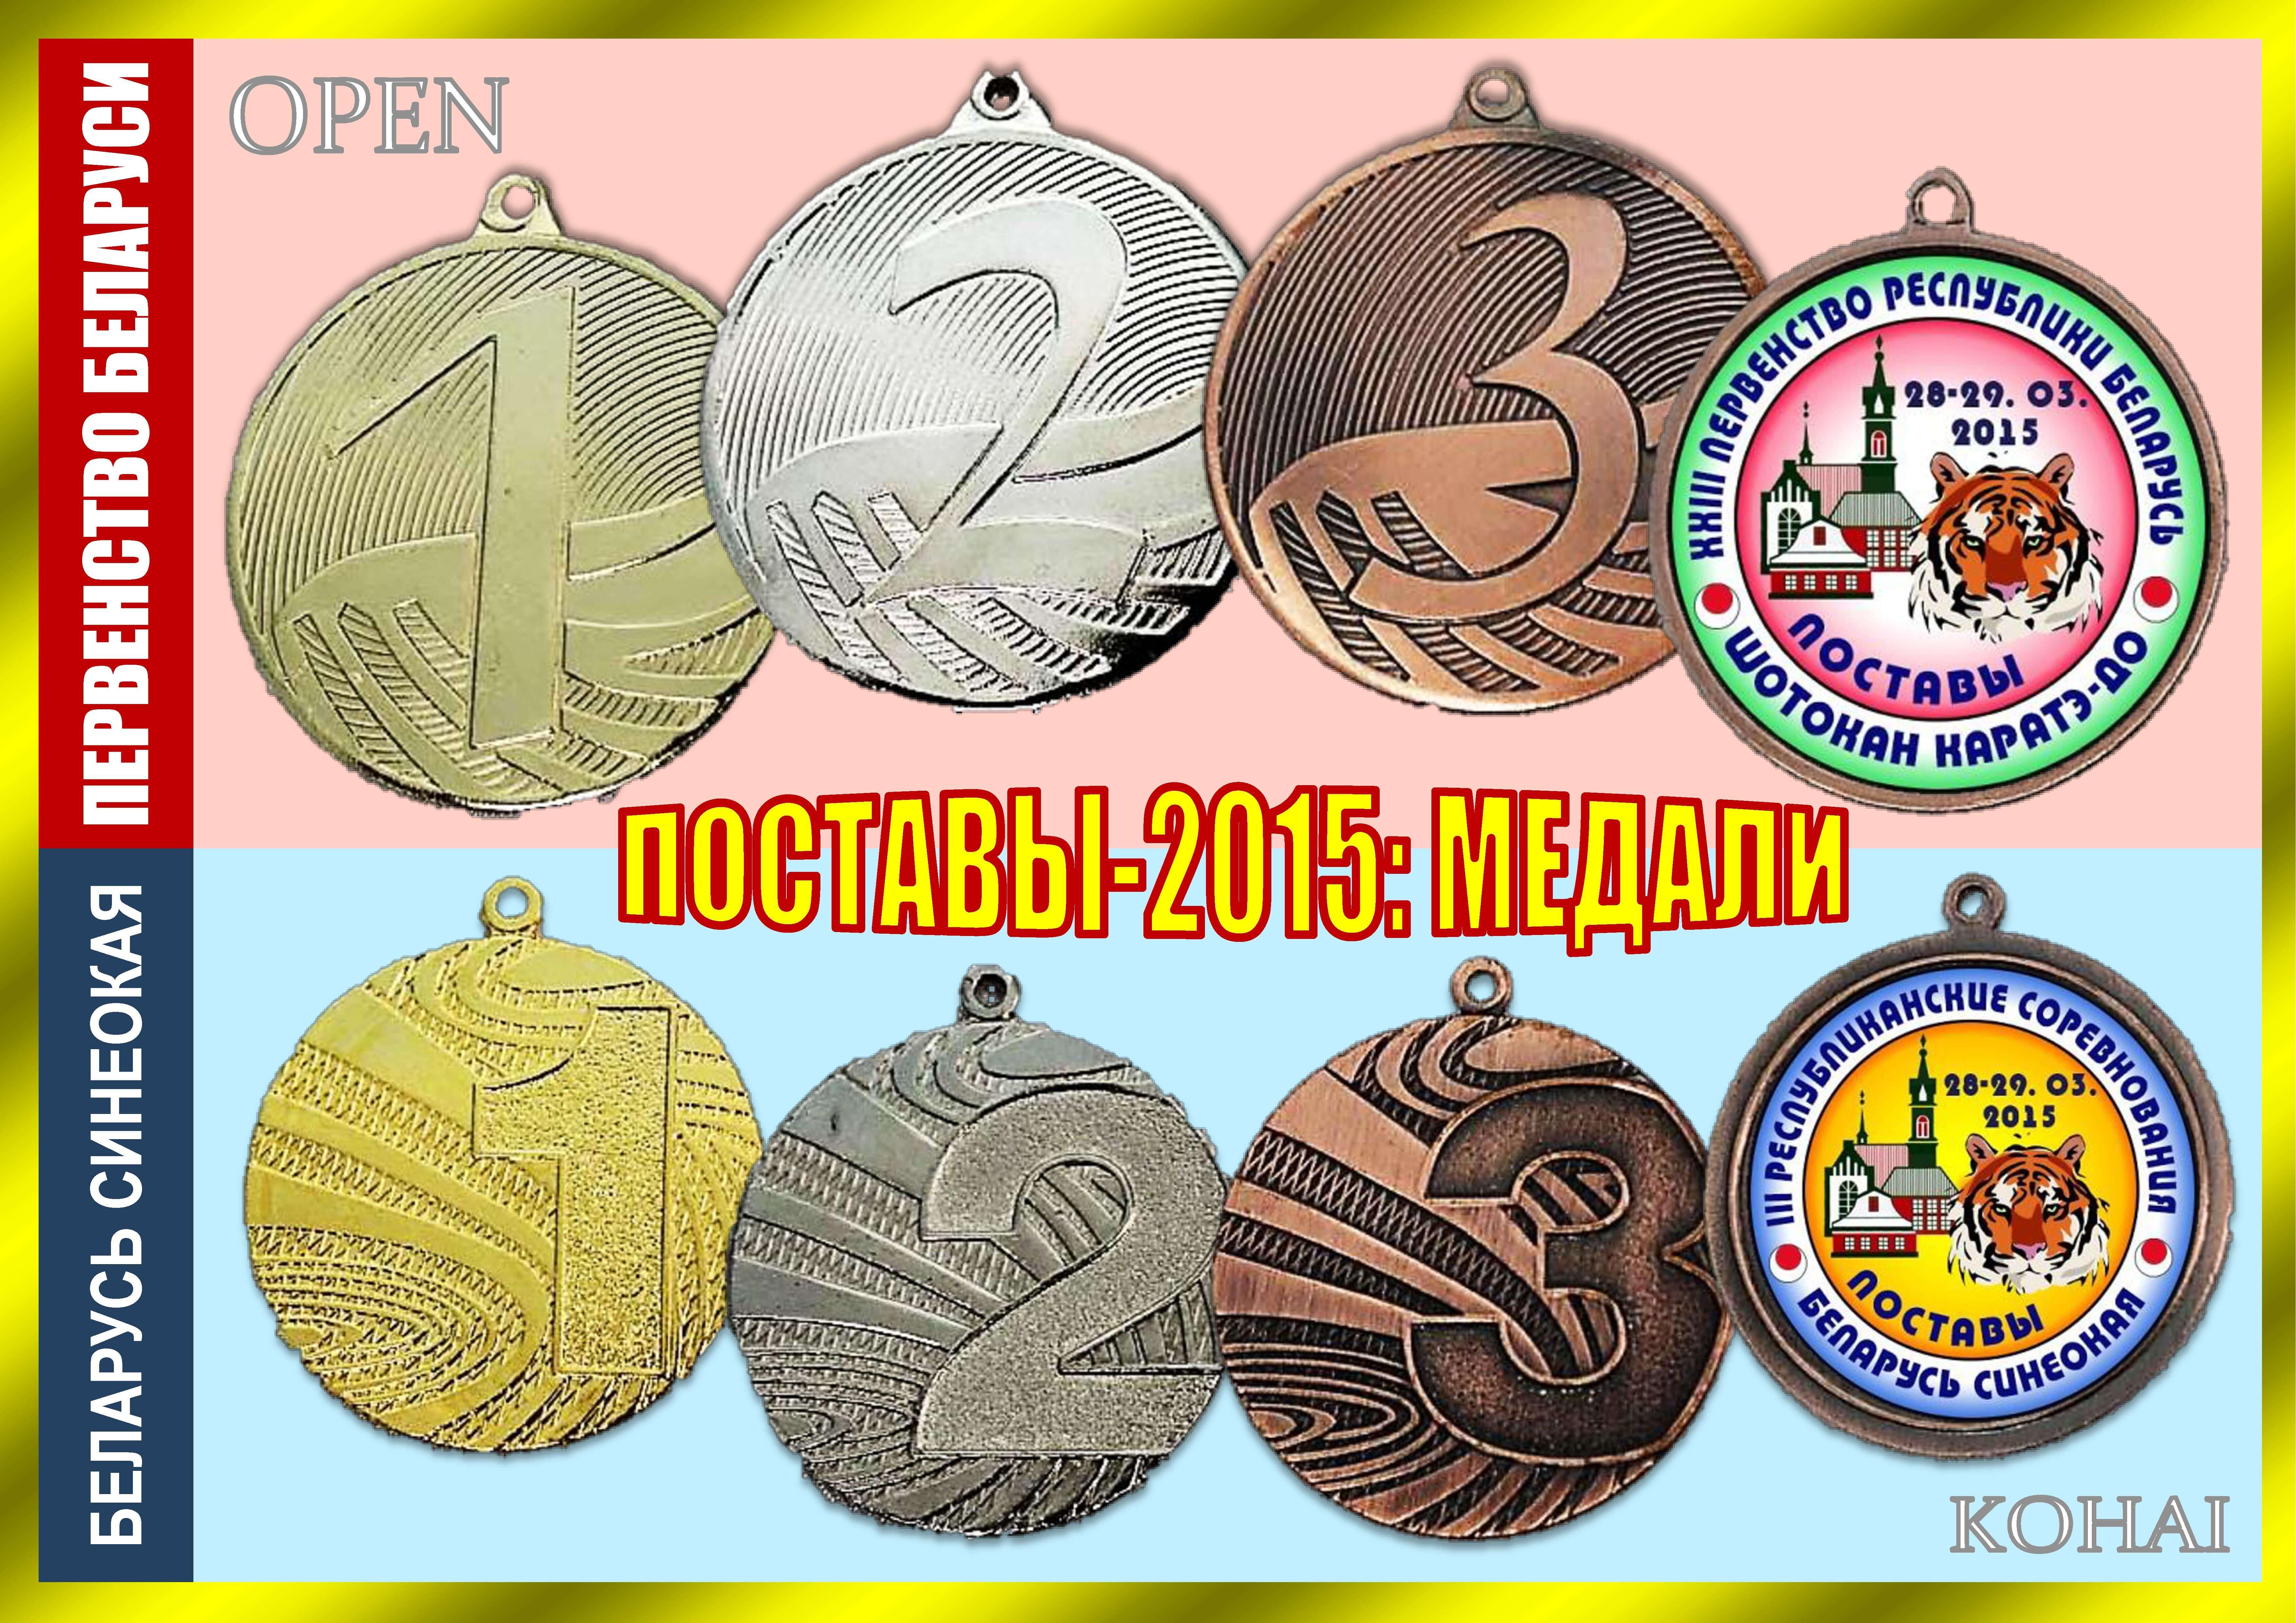 Поставы-2015 Медали